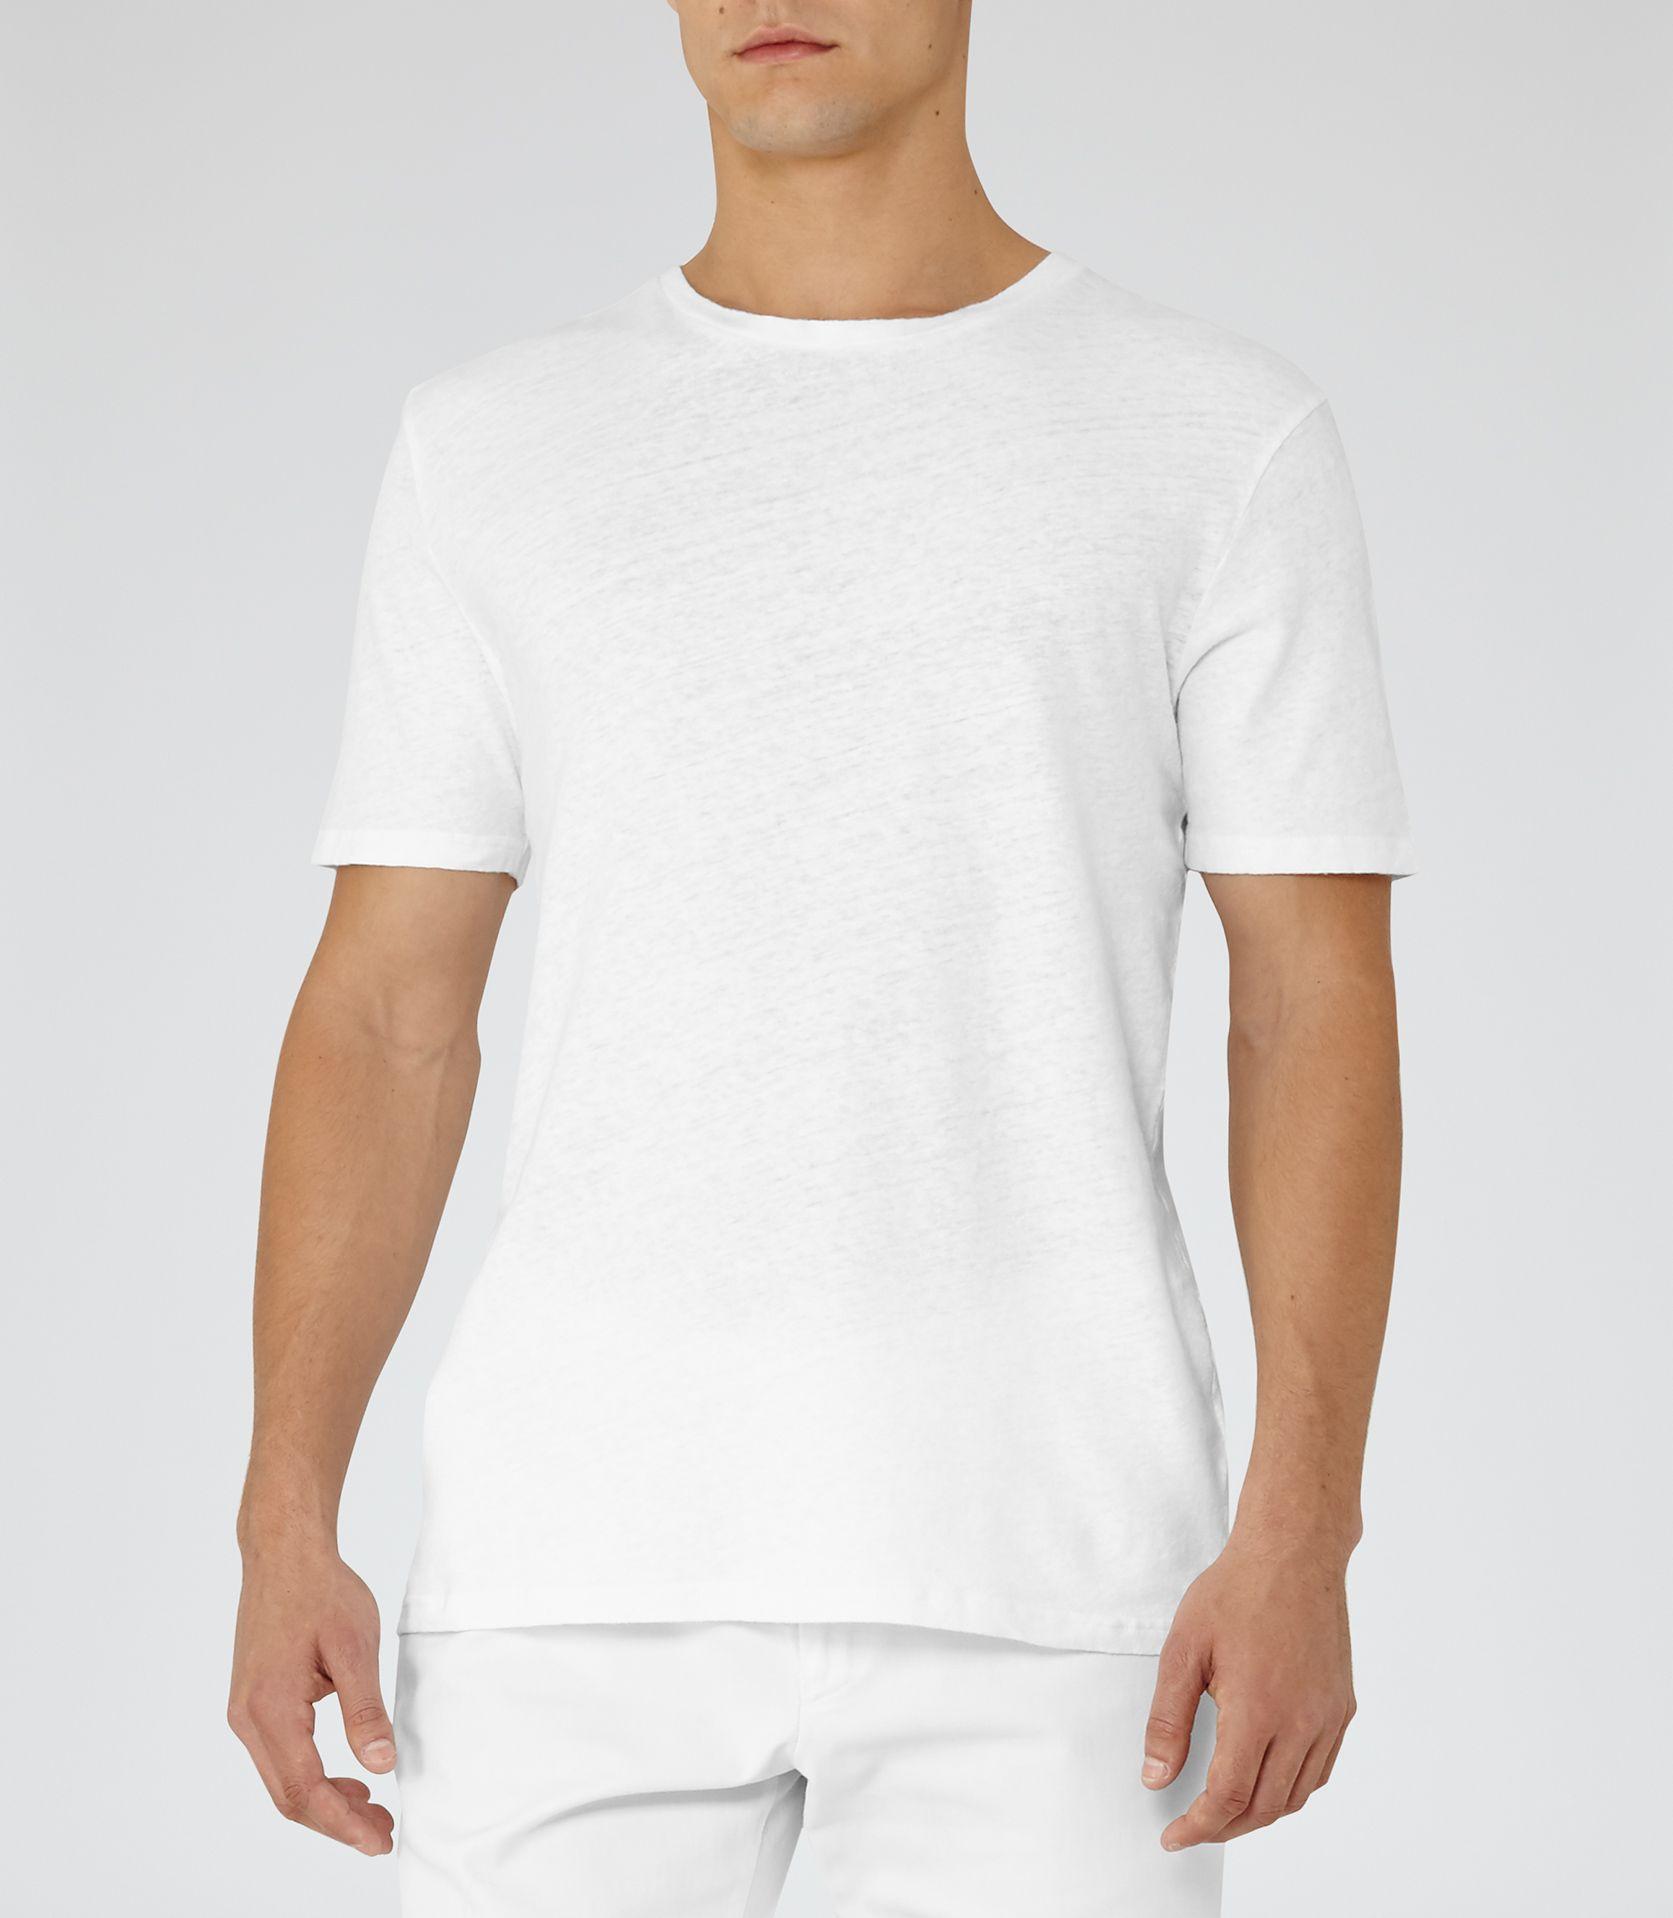 89d53e4e7ccef Mens White Linen Blend T-shirt - Reiss Festival